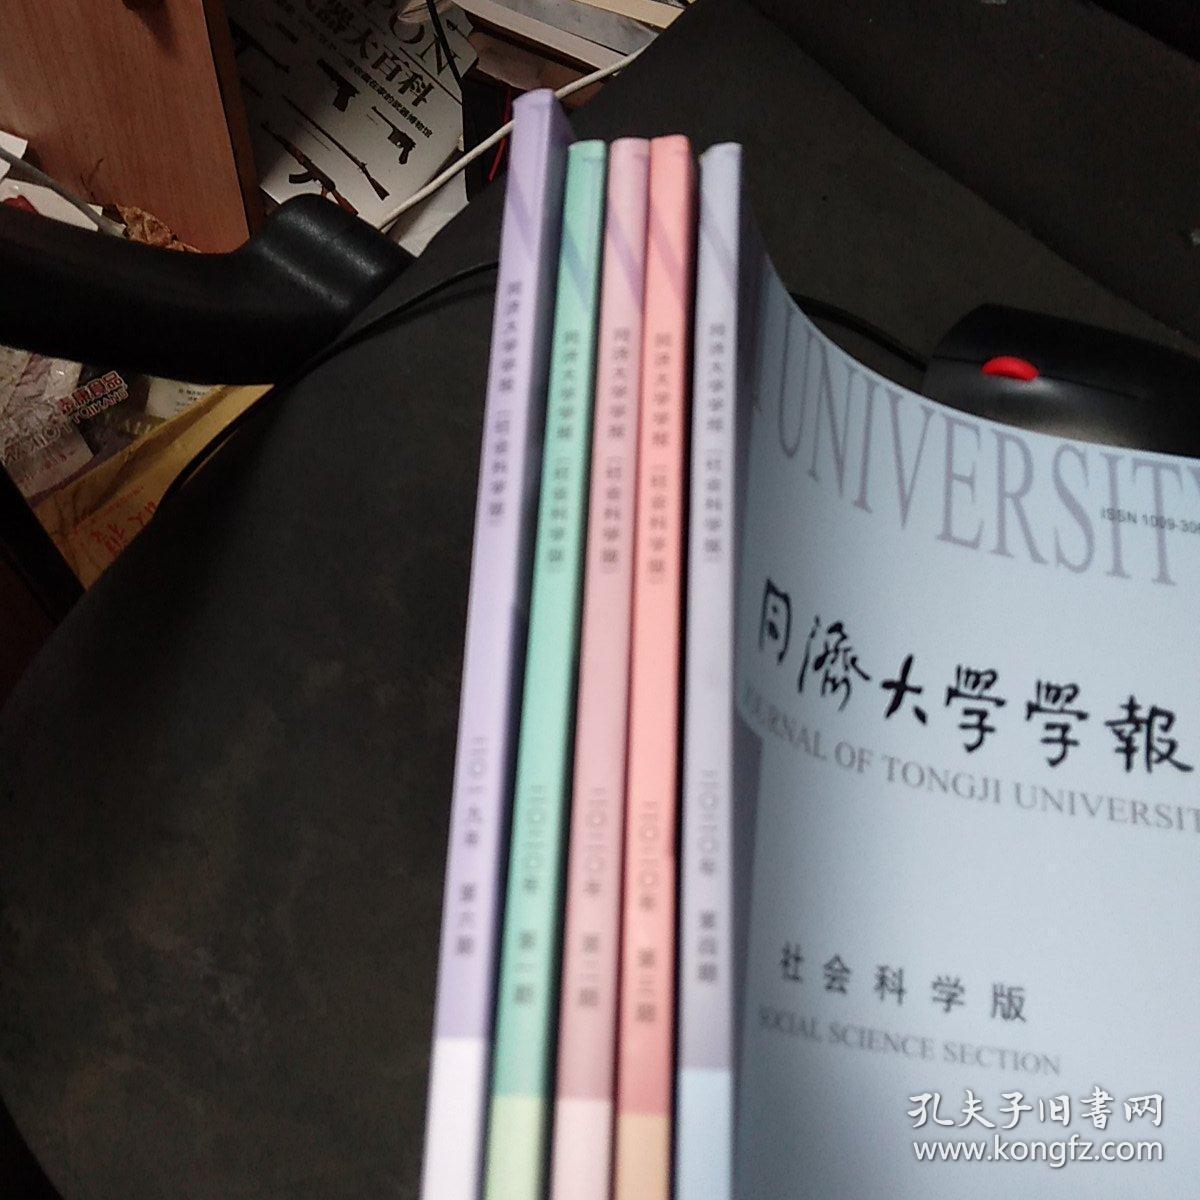 同济大学学报(社科版)2020年1-6期、2019年第6期